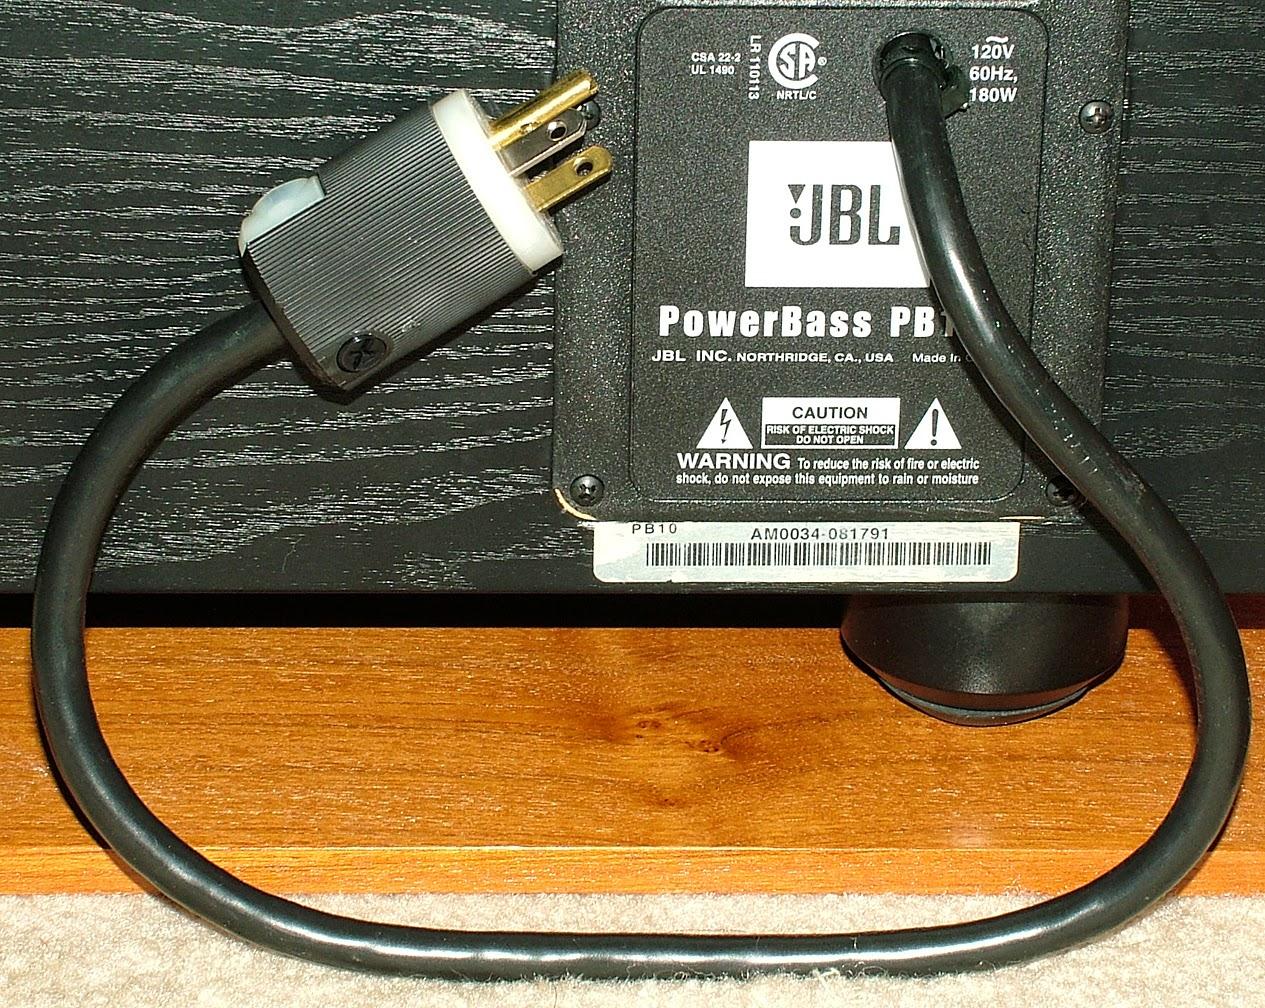 New Polk speakers, JBL subwoofer and wiring tweaks